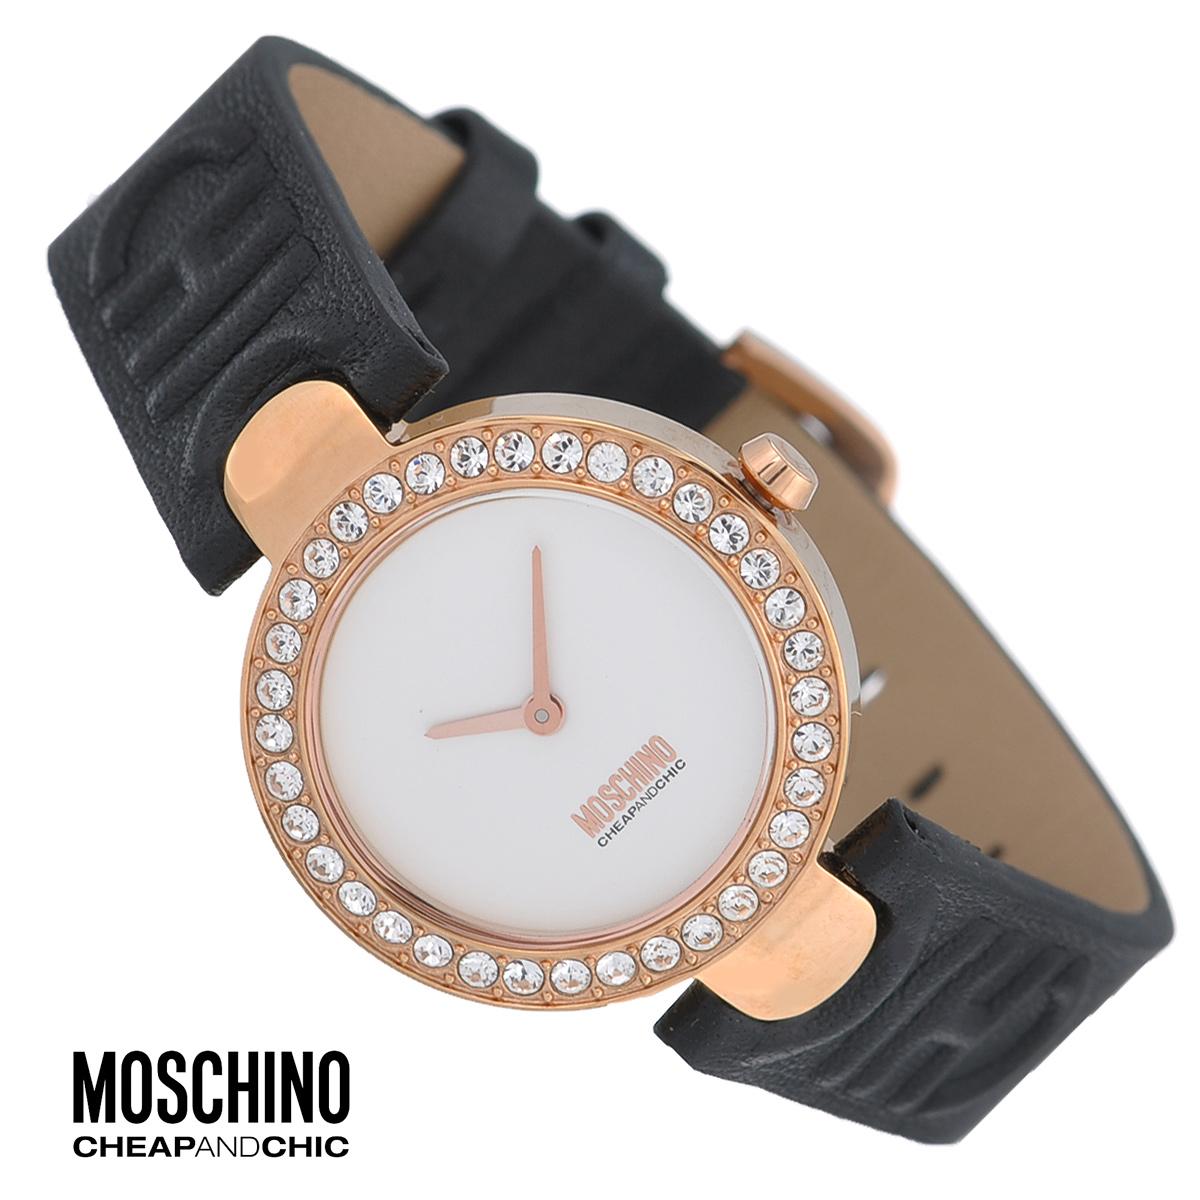 Часы женские наручные Moschino, цвет: золотистый, черный. MW0353MW0353Наручные часы от известного итальянского бренда Moschino - это не только стильный и функциональный аксессуар, но и современные технологи, сочетающиеся с экстравагантным дизайном и индивидуальностью. Часы Moschino оснащены кварцевым механизмом. Корпус выполнен из высококачественной нержавеющей стали с PVD-покрытием и по контуру циферблата декорирован стразами. Циферблат без отметок украшен логотипом бренда и защищен минеральным стеклом. Часы имеют две стрелки - часовую и минутную. Ремешок часов выполнен из натуральной кожи и оснащен классической застежкой. Часы упакованы в фирменную металлическую коробку с логотипом бренда. Часы Moschino благодаря своему уникальному дизайну отличаются от часов других марок своеобразными циферблатами, функциональностью, а также набором уникальных технических свойств. Каждой модели присуща легкая экстравагантность, самобытность и, безусловно, великолепный вкус. Характеристики: Диаметр циферблата:...